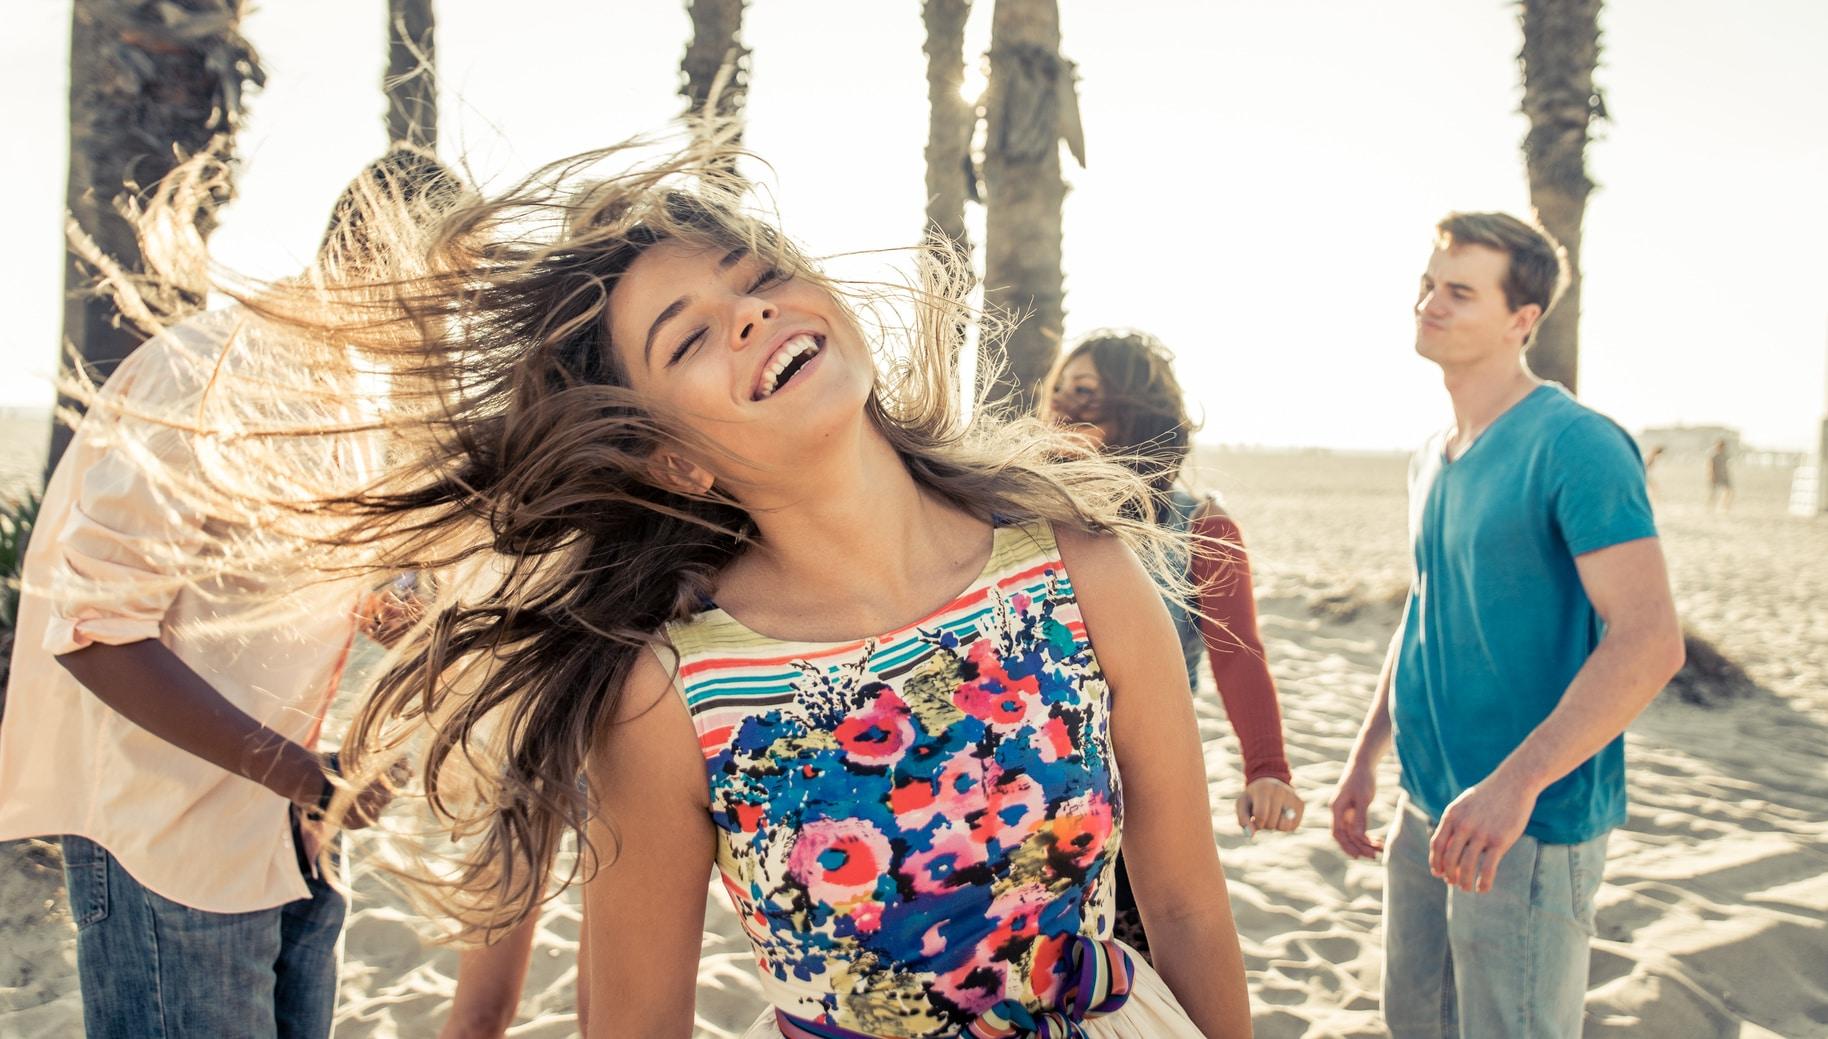 Eine junge Frau in einem Sommerkleid mit bunten Blumen darauf, steht an einem Strand mit Palmen und lacht sehr glücklich. Sie macht einen sehr selbstbewusstsen Eindruck. Sie hat lange braune Haare, welche im Wind wehen. Im Hintergrund sind 3 weitere Personen zu sehen, welche locker tanzen.